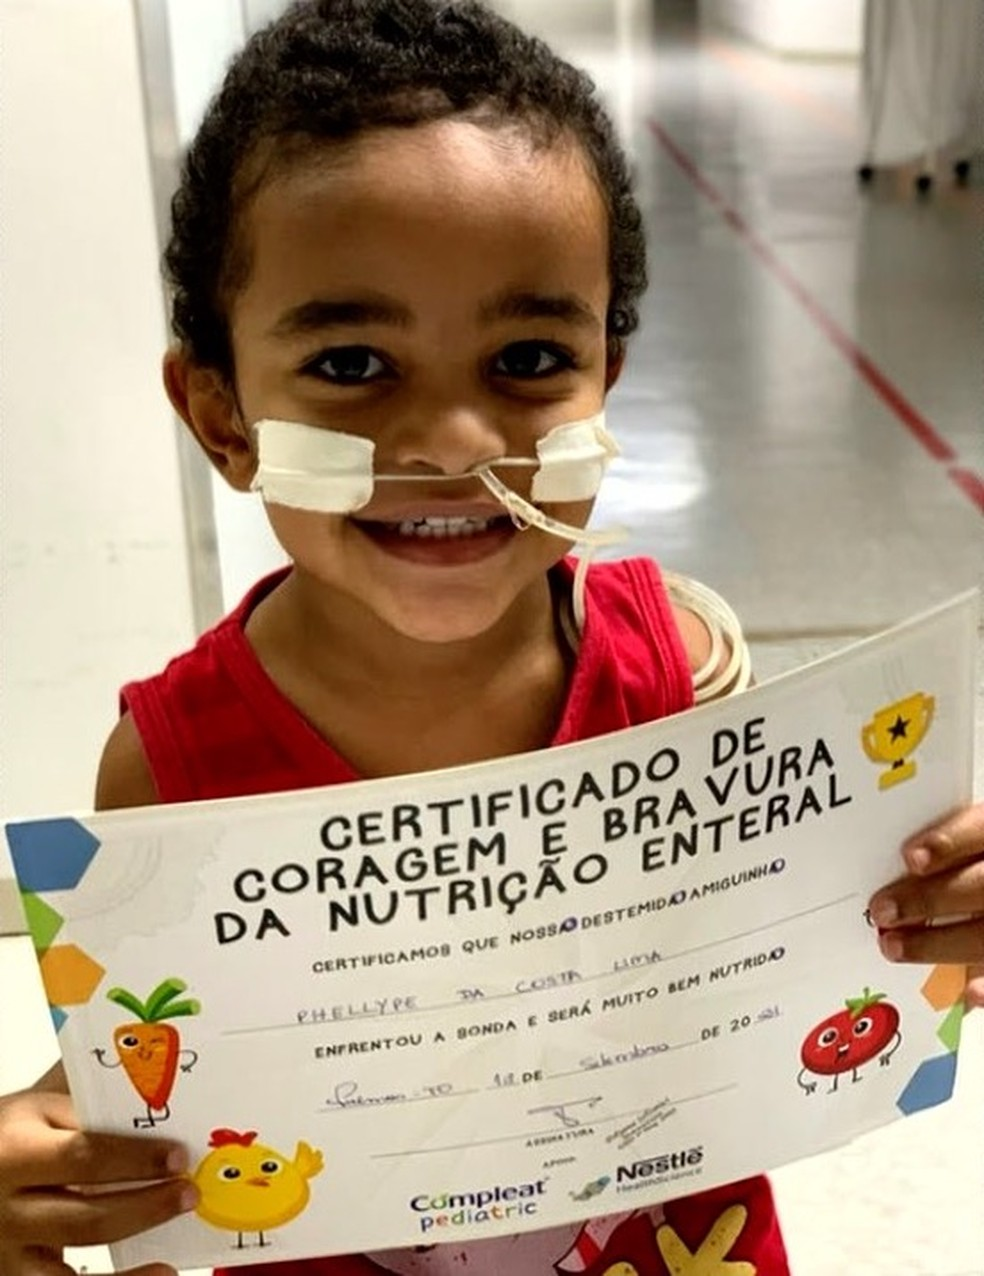 Garotinho tem problemas no esôfago porque tomou soda cáustica — Foto: Reprodução/TV Anhanguera